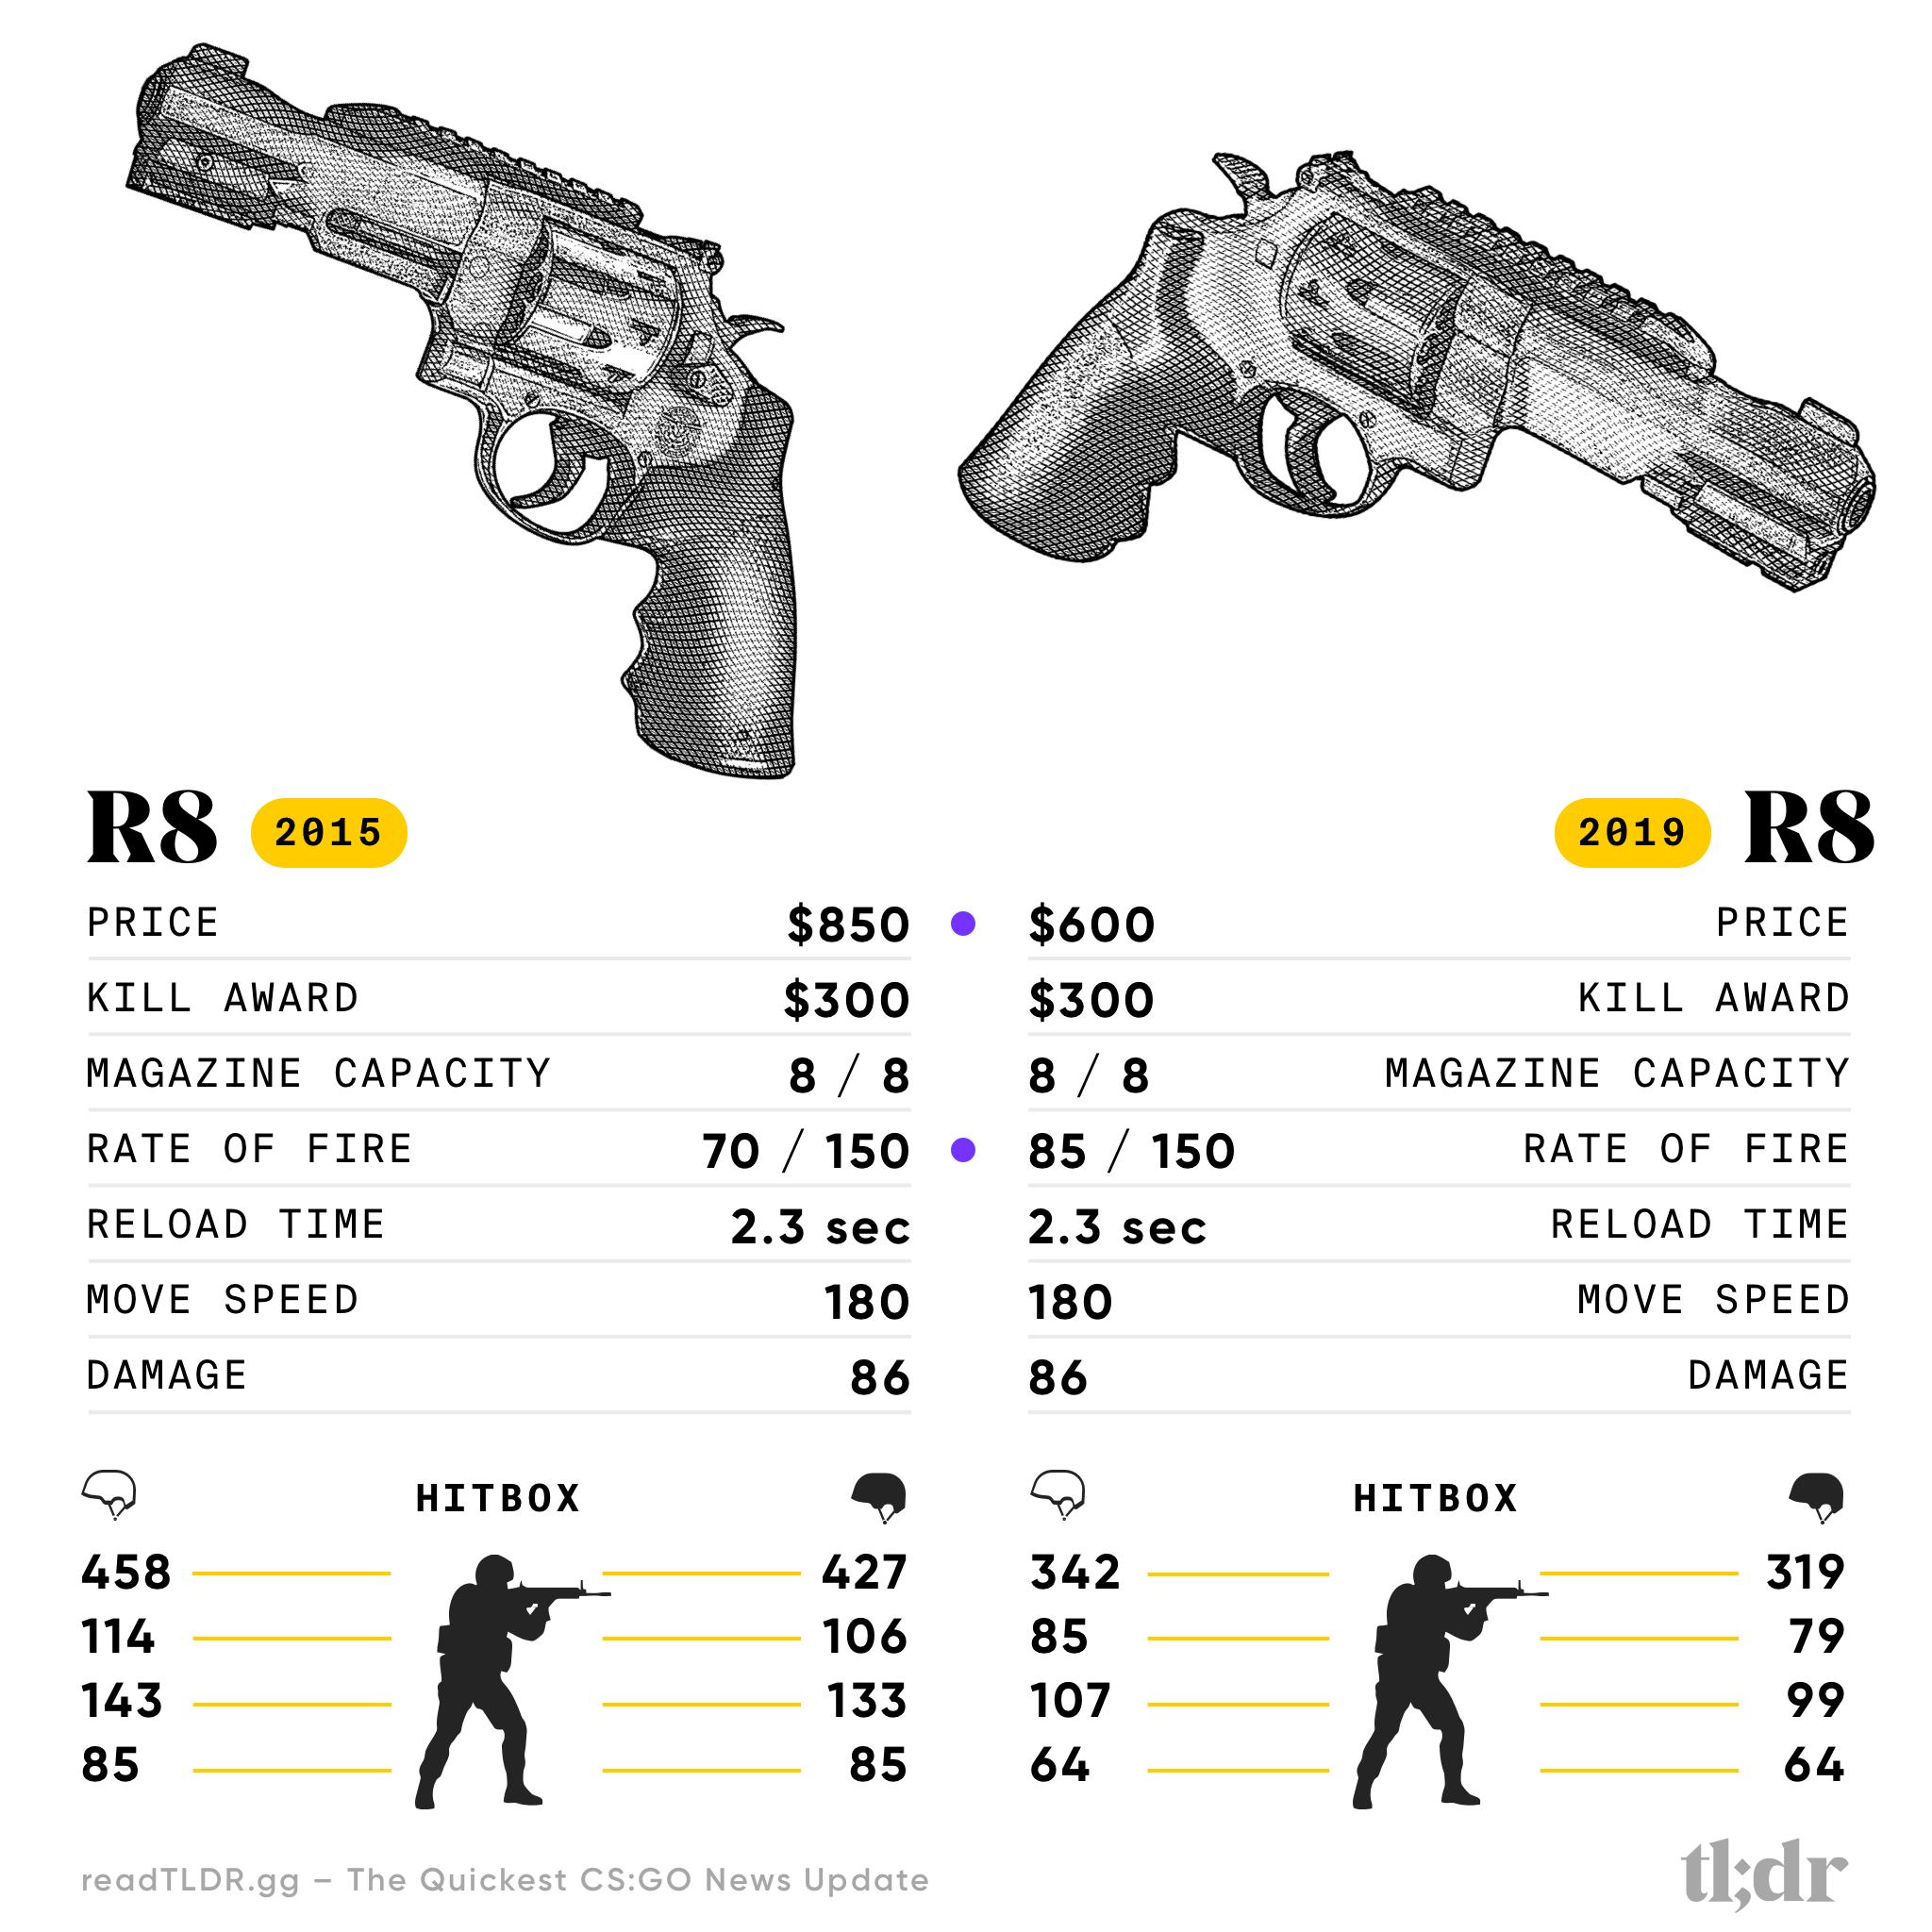 Counter-Strike R8 Revolver 2015 vs 2018 Specification Comparison